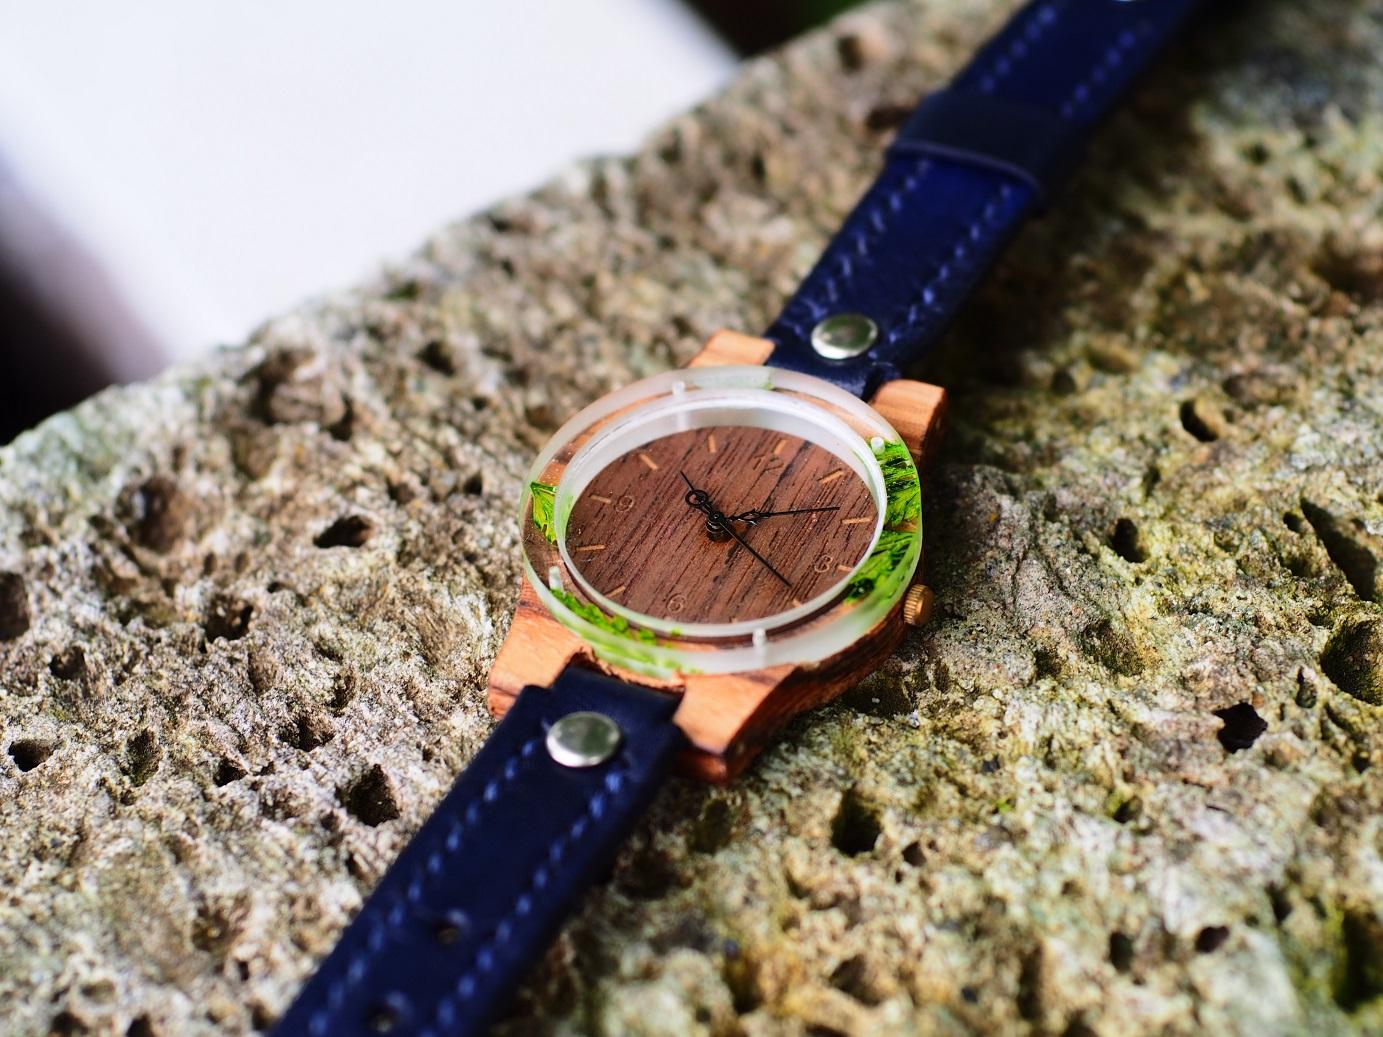 かすみ草の押し花木製腕時計